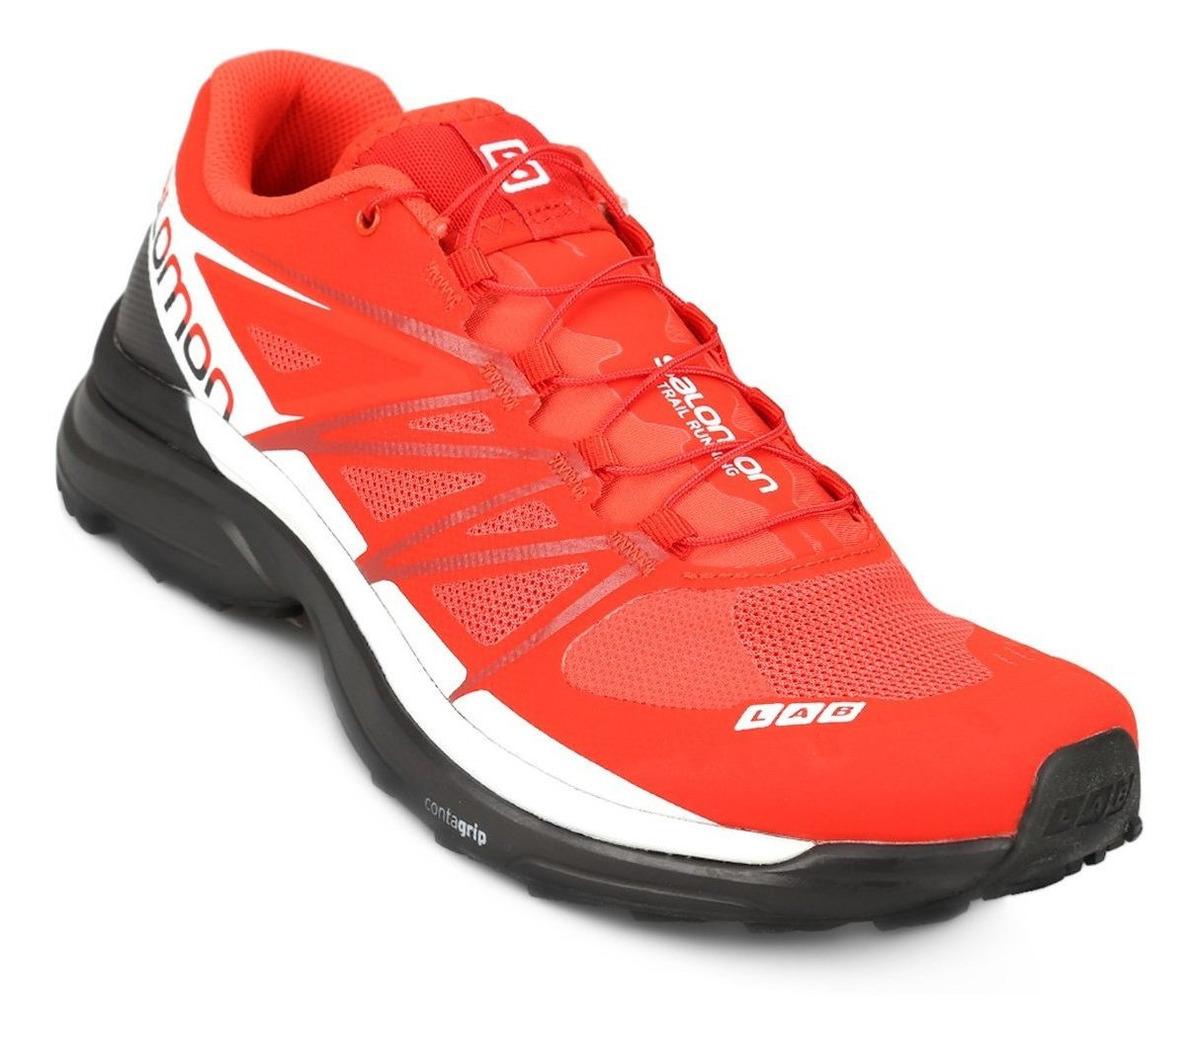 zapatos salomon hombre amazon outlet nz fashion days 3019